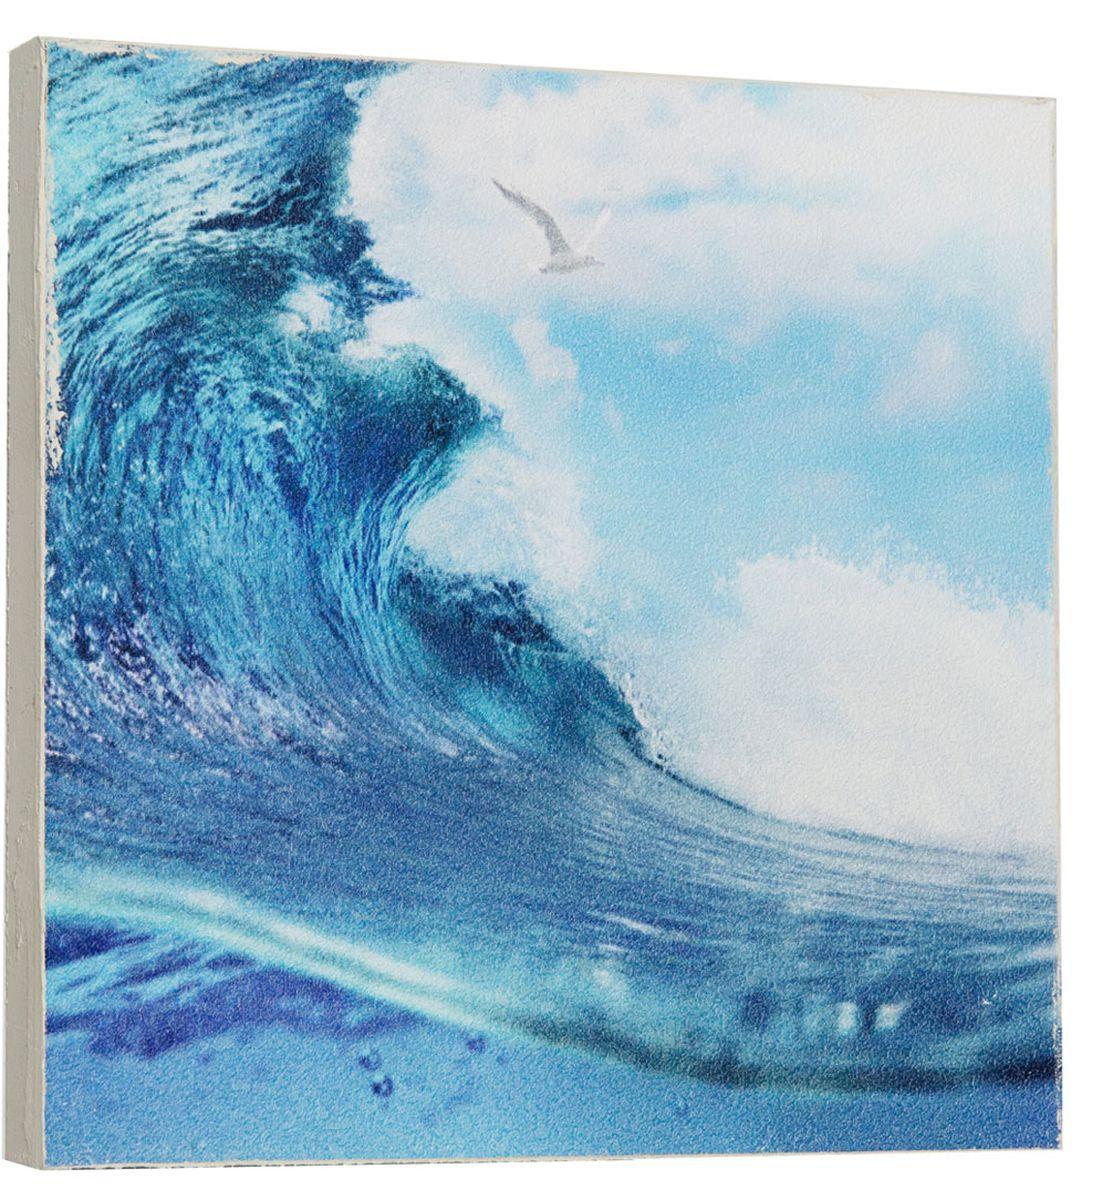 Картина Mister Poster Яркая морская волна, 22 х 22 см0298-22-22Картина Mister Poster - это высококачественная репродукция на деревянной раме. Лицевая поверхность имитирует штукатурку или натуральный холст, края окрашены вручную специальным декоративным составом.Современные технологии, уникальное оборудование и оригинальные чернила, используемые при изготовлении, делают постер устойчивым к выцветанию, а также гарантируют стойкость к воздействию негативных внешних факторов. Интерьер дома и офиса, в котором находится человек, в значительной степени влияет на его настроение и работоспособность. Правильное оформление интерьера создает благоприятный психологический климат, улучшает настроение и мотивирует. Добавьте «красок» в ваш интерьер и, возможно, в вашу жизнь.